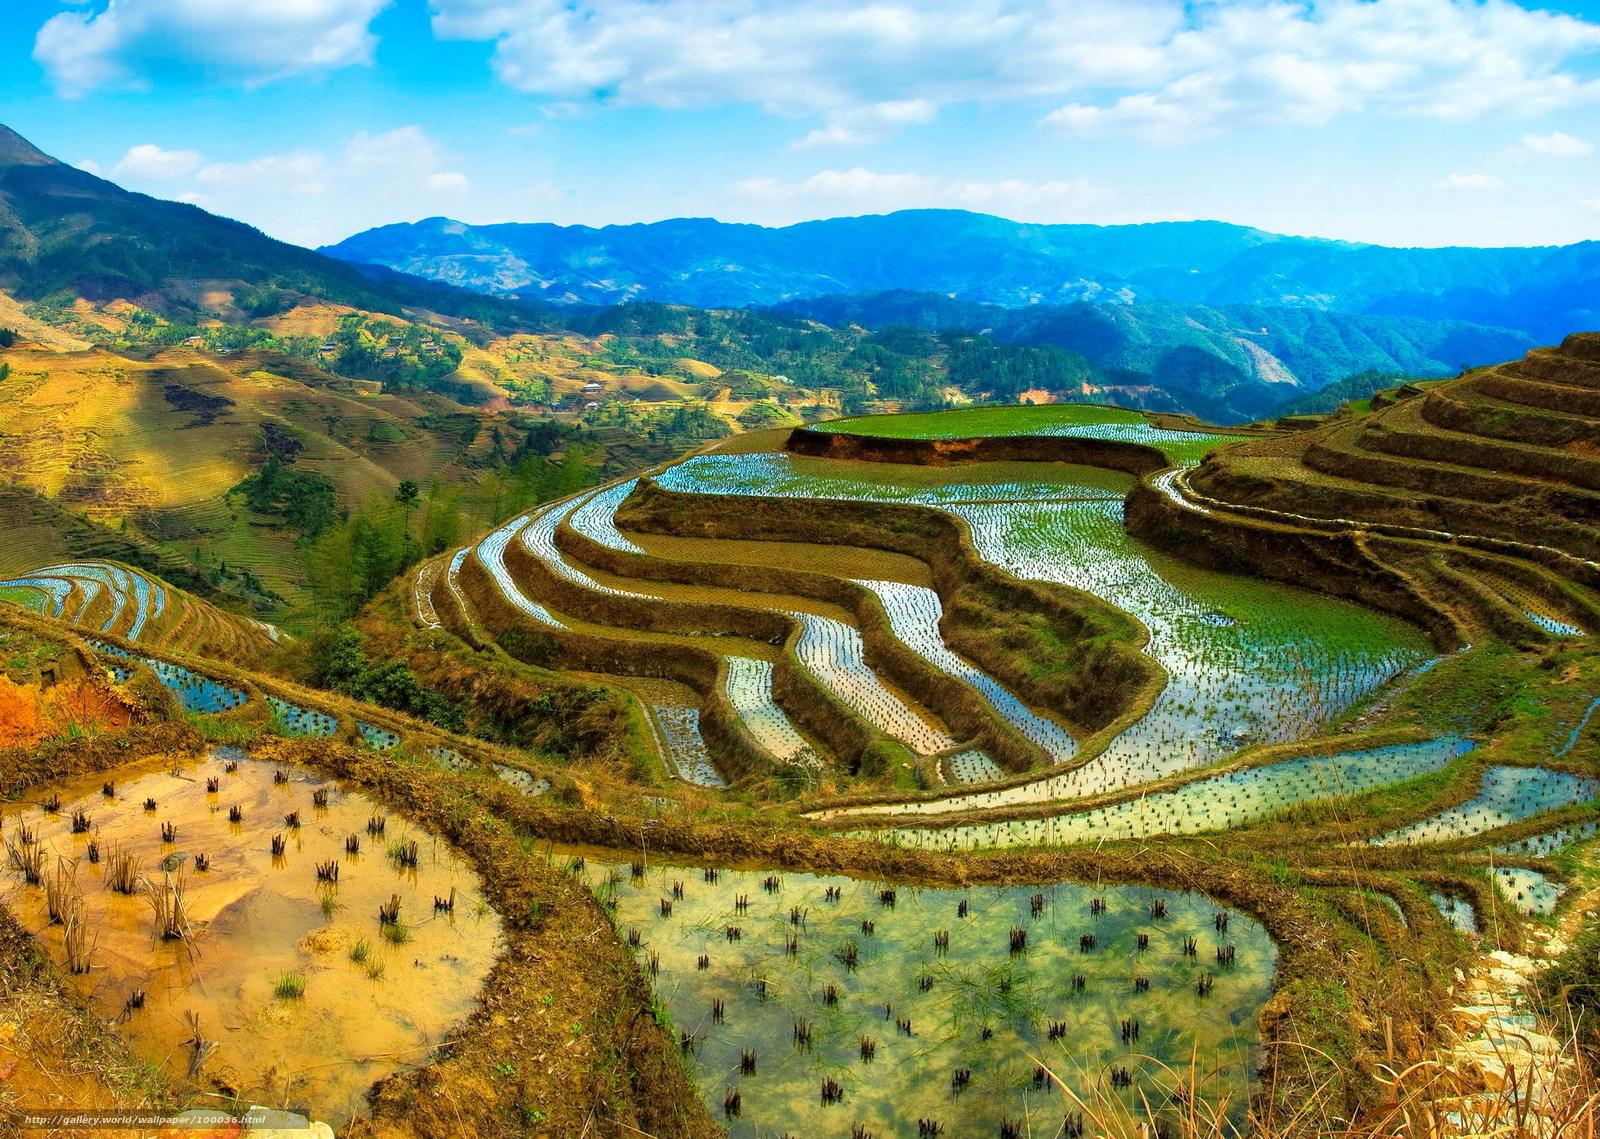 Скачать обои китай,  огород,  горы,  облака бесплатно для рабочего стола в разрешении 2000x1424 — картинка №100036